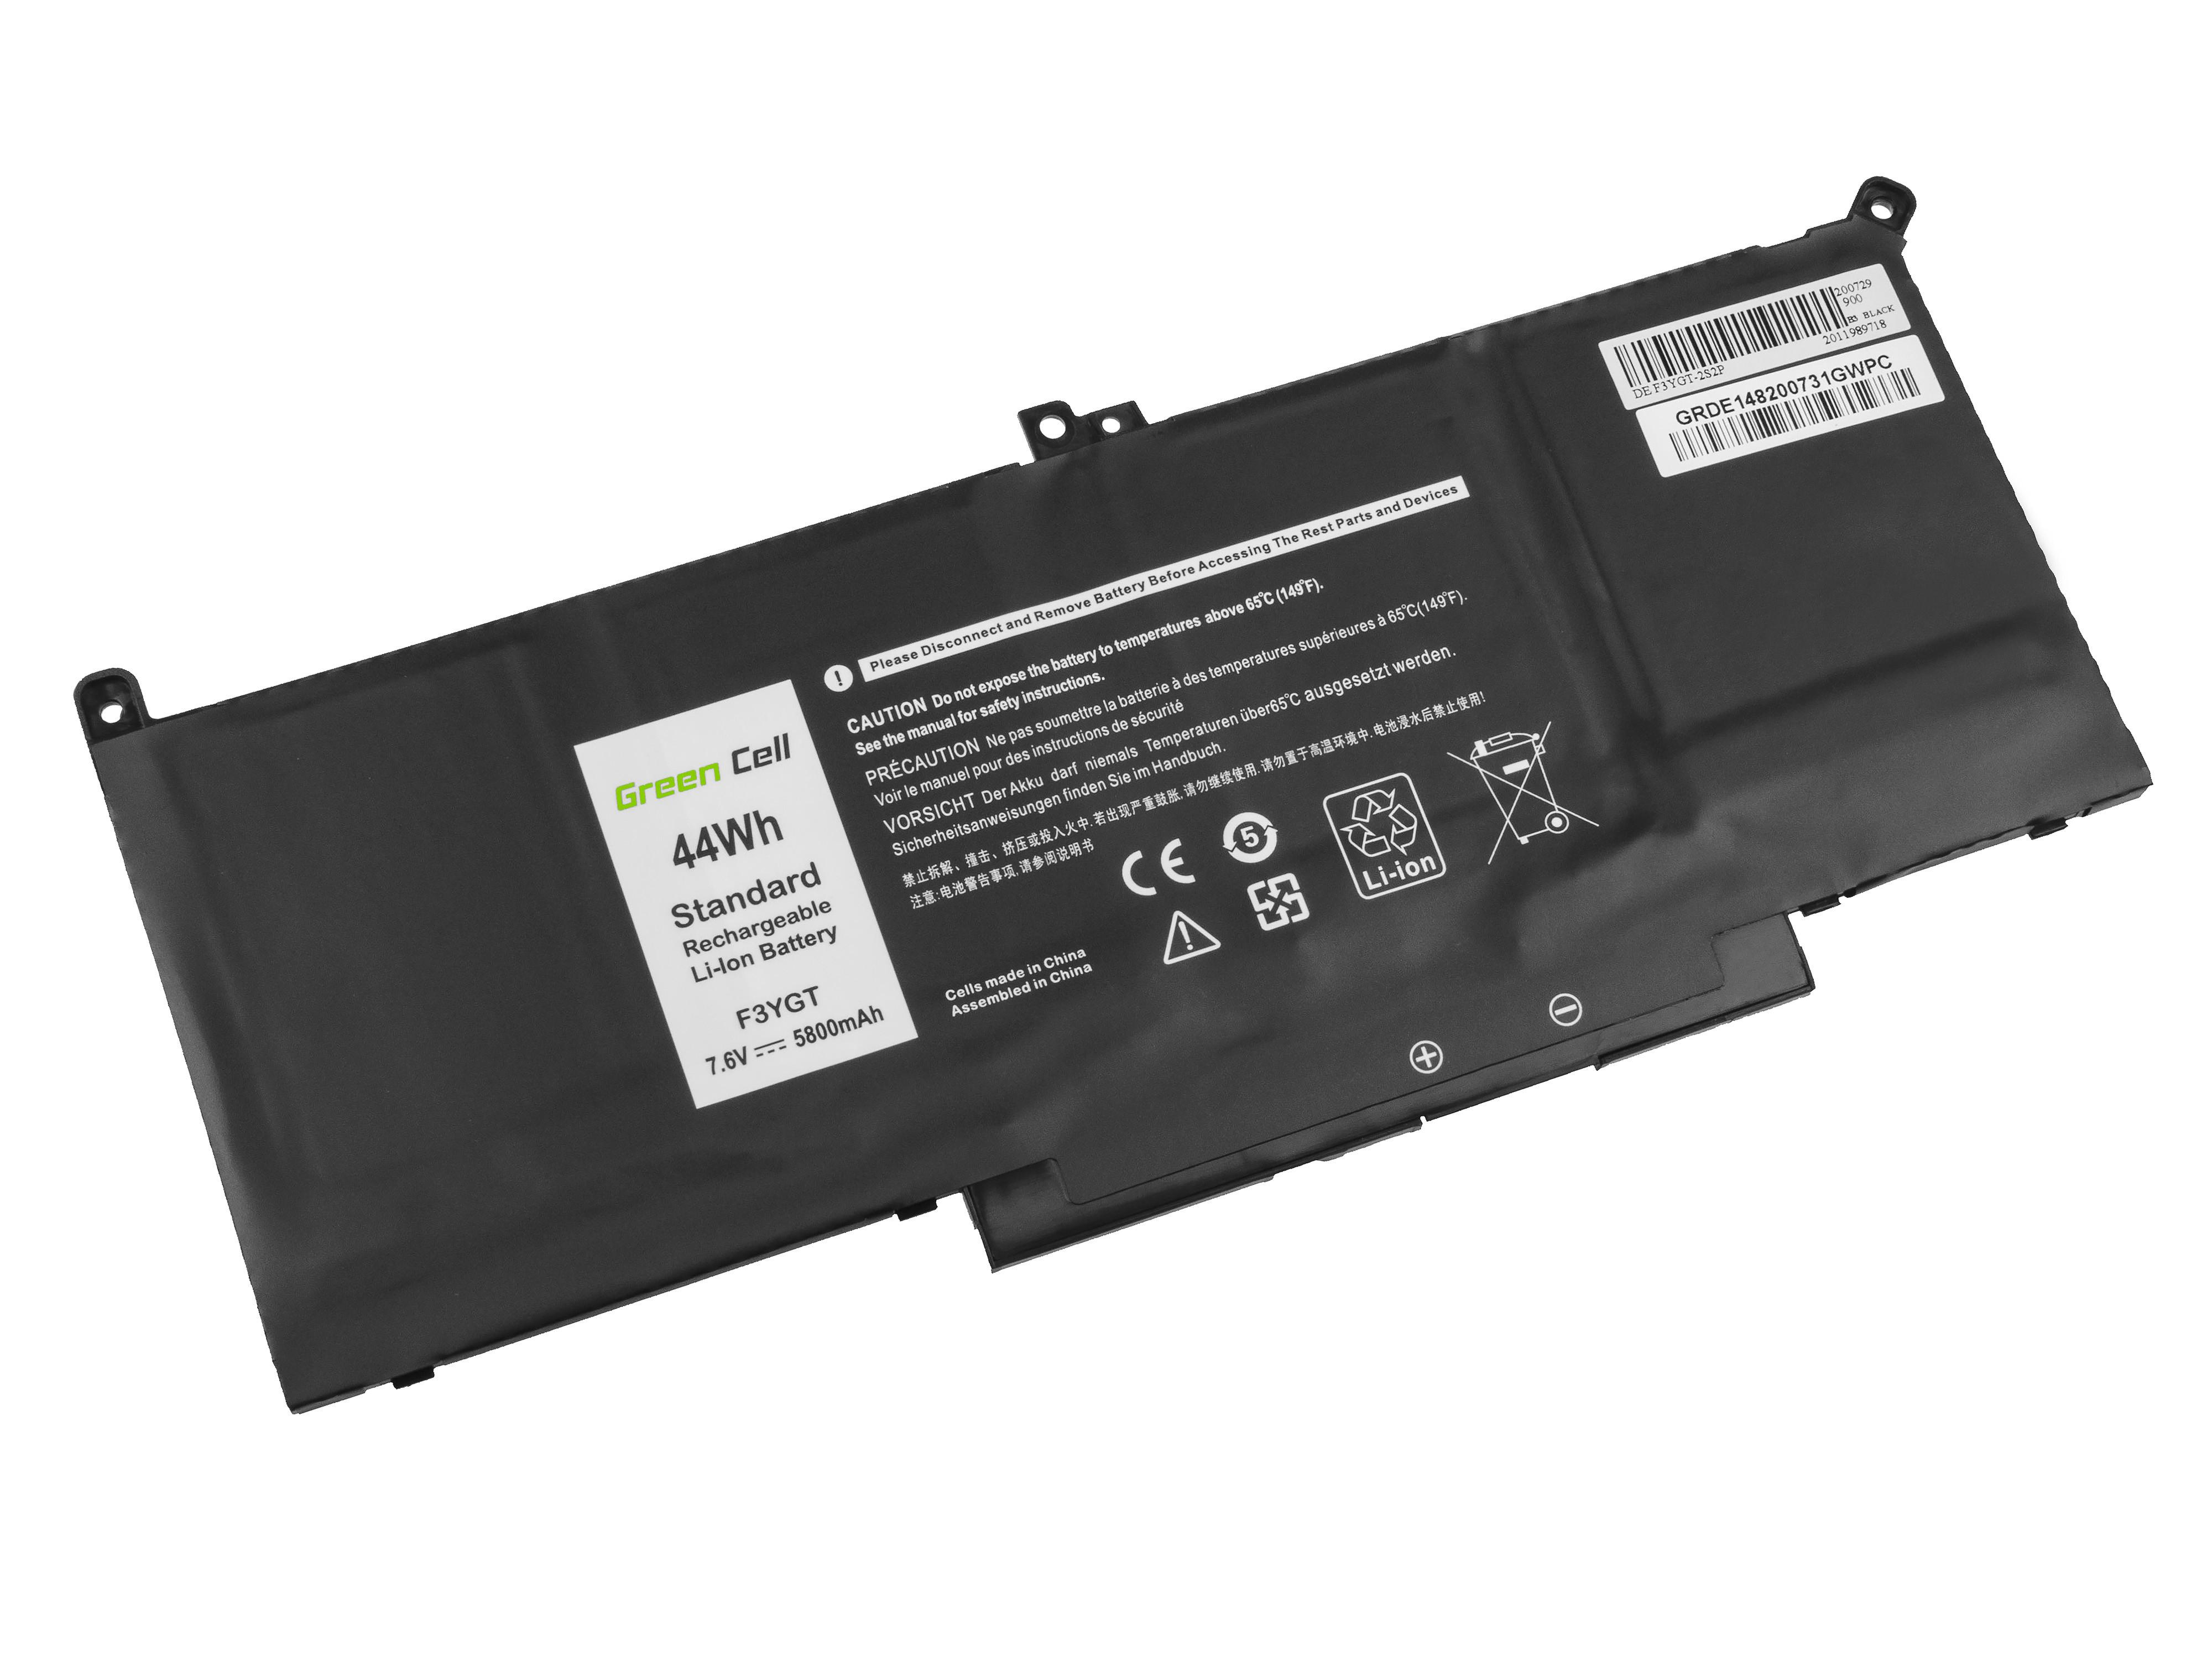 Green Cell DE148 Baterie Dell F3YGT, Dell Latitude 7280 7290 7380 7390 7480 7490 5800mAh Li-Pol - neoriginální